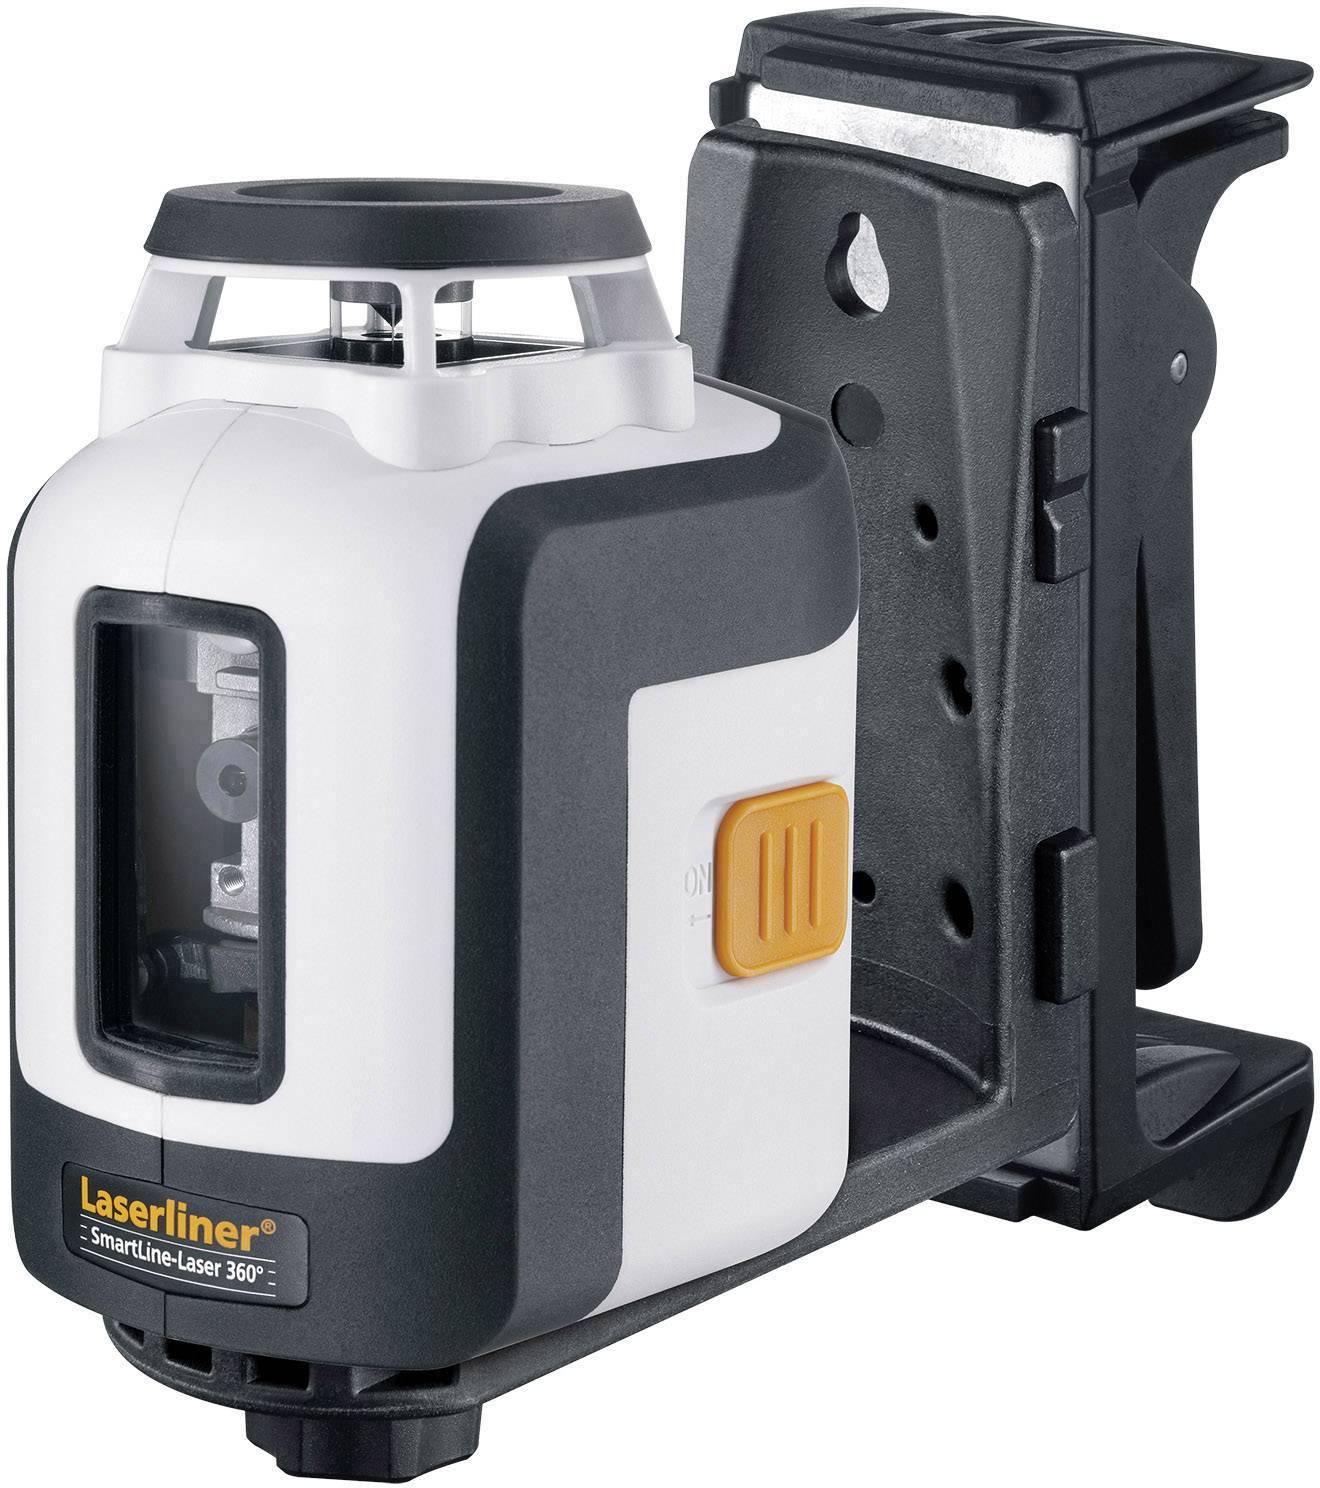 Laserliner SmartLine-Laser 360